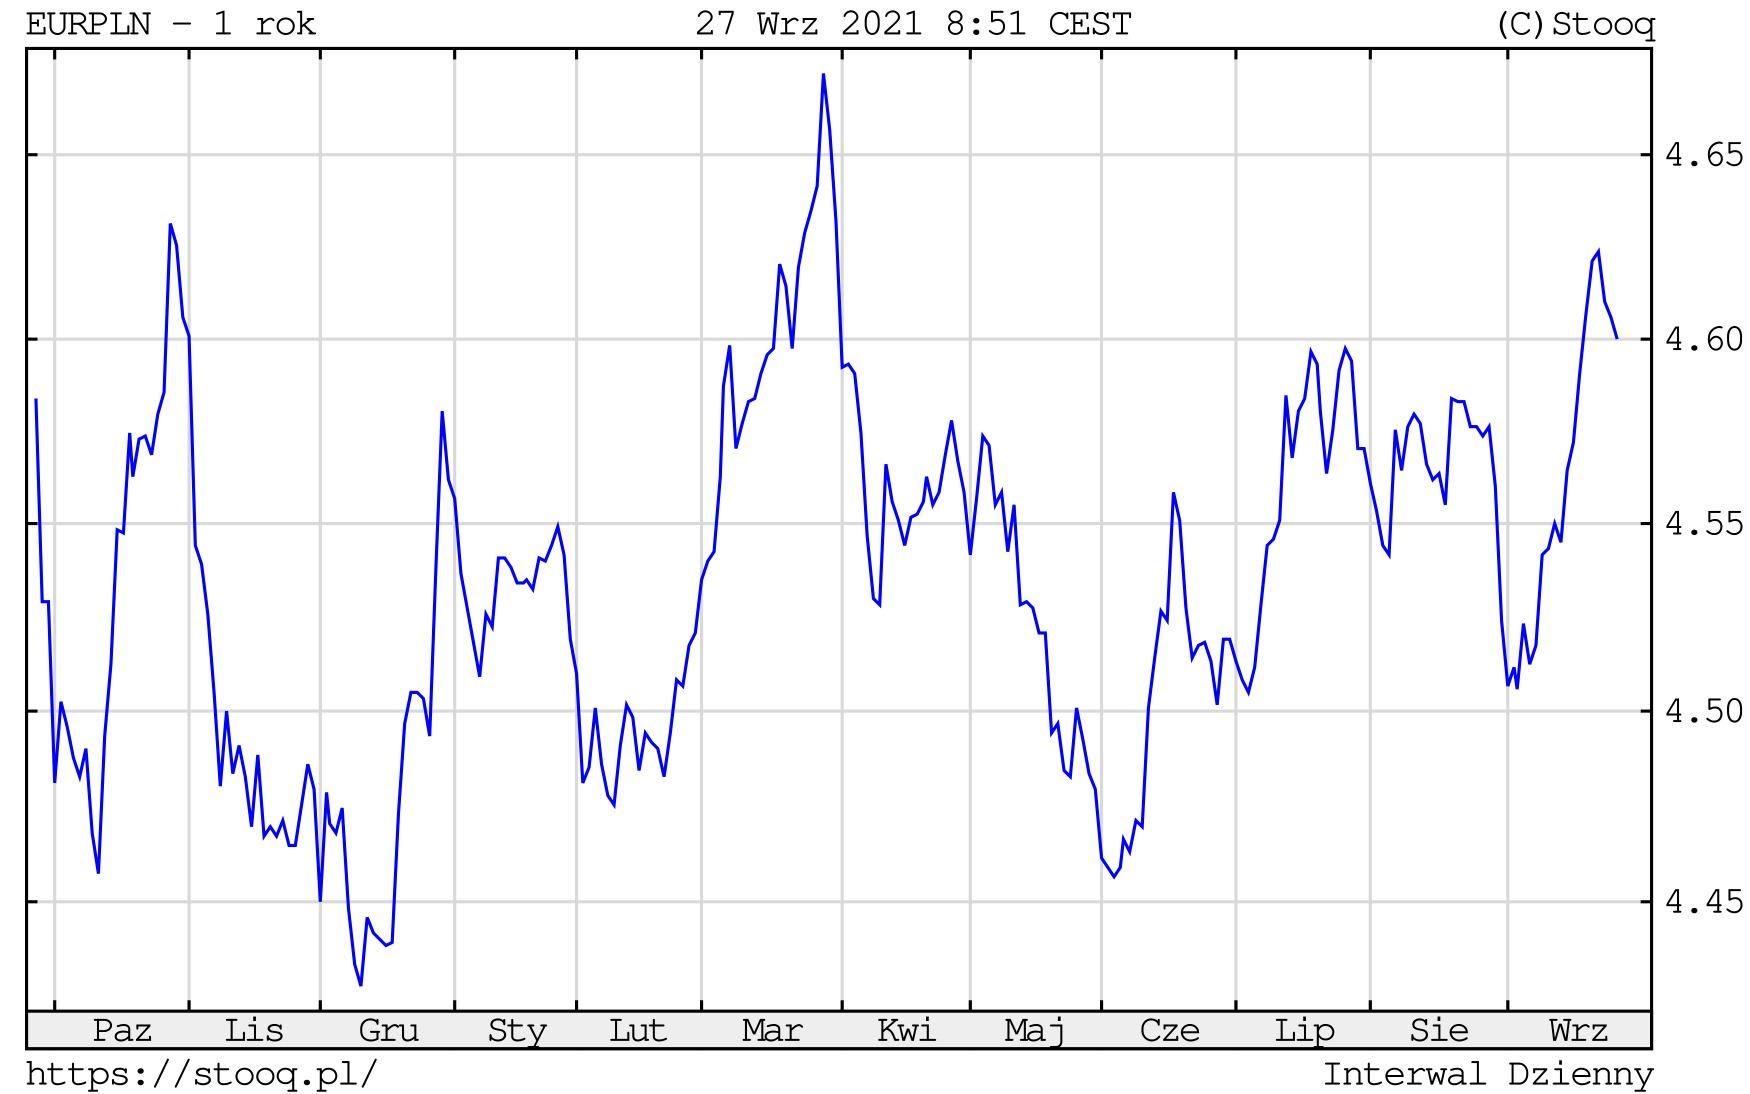 Kurs euro w poniedziałek, 27 września 2021 roku. Notowania EURPLN na wykresie dziennym